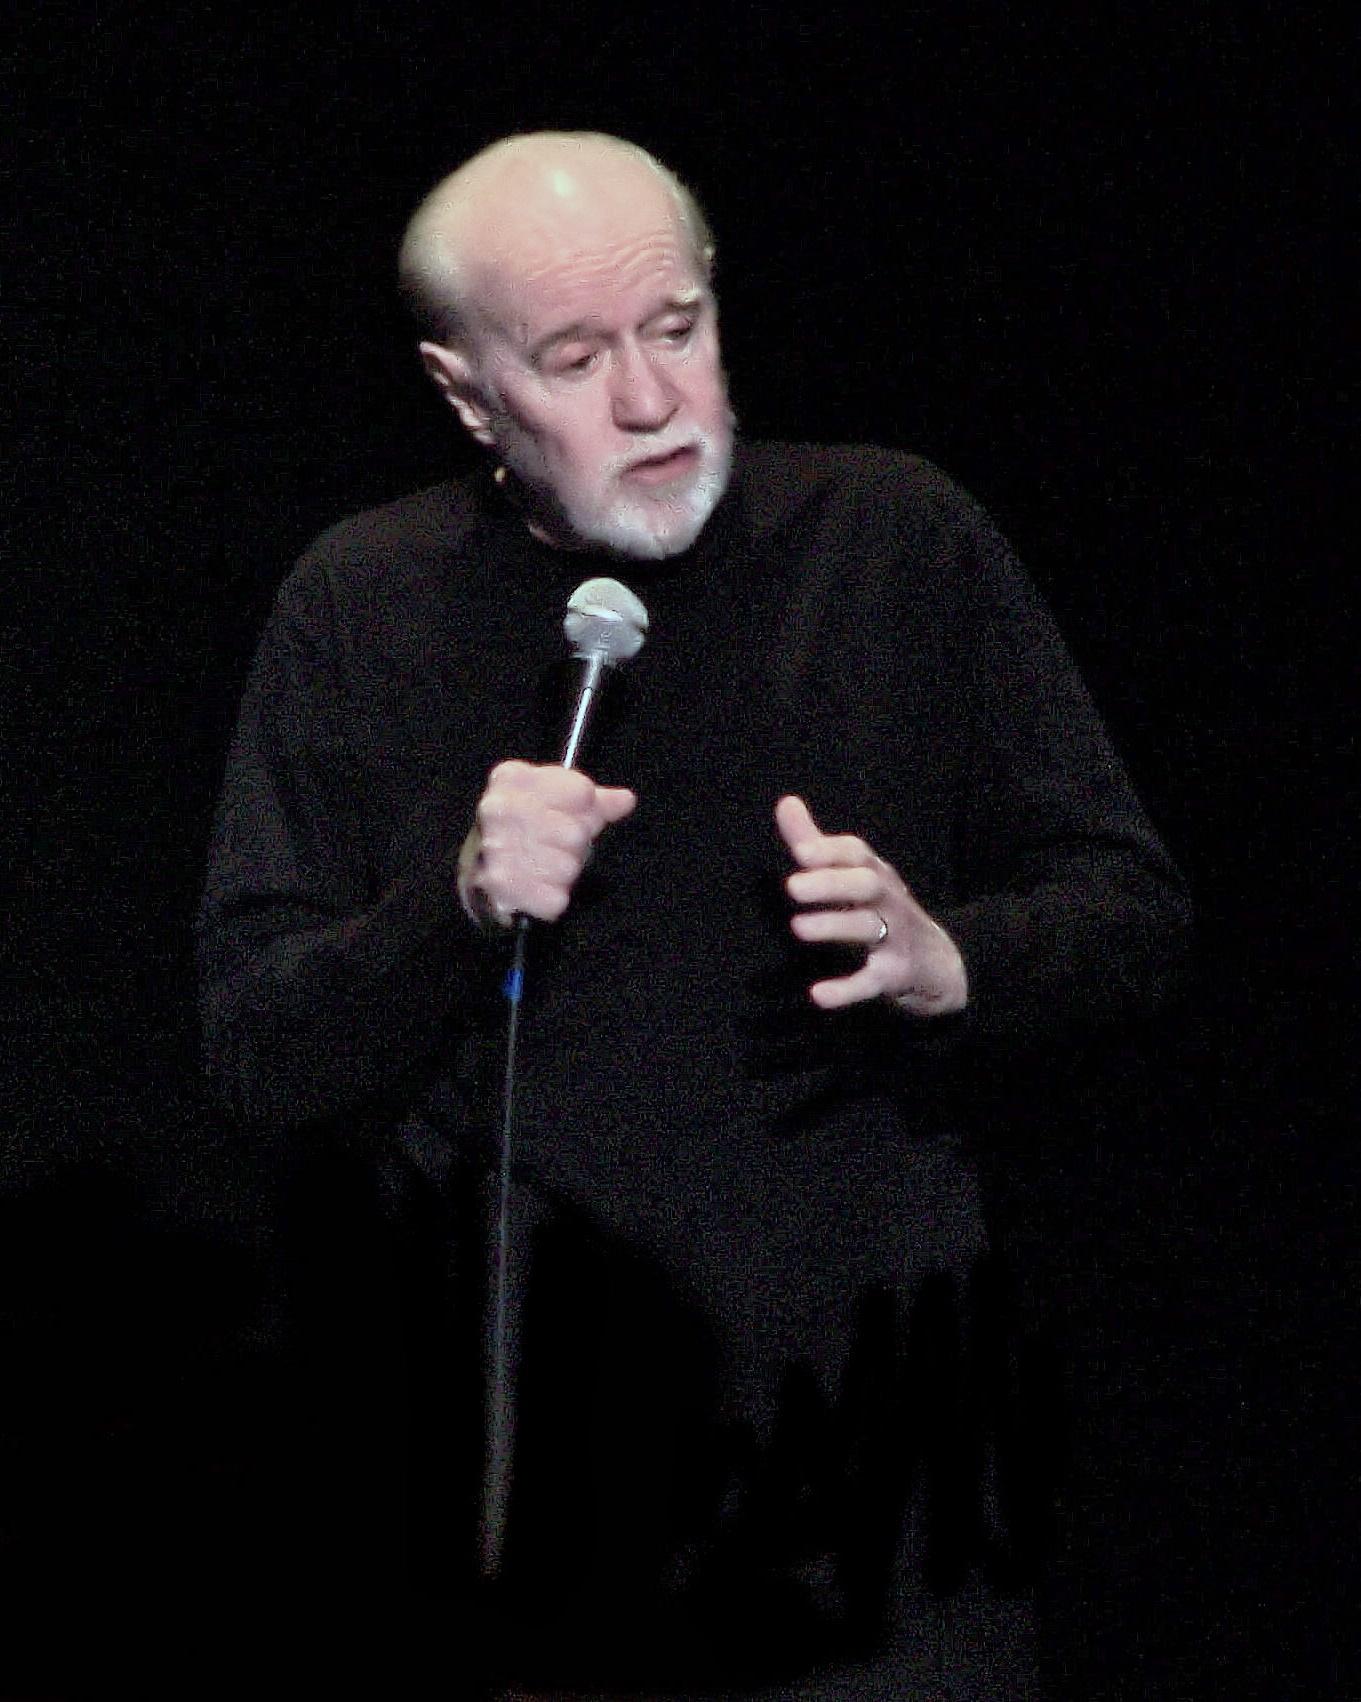 Veja o que saiu no Migalhas sobre George Carlin